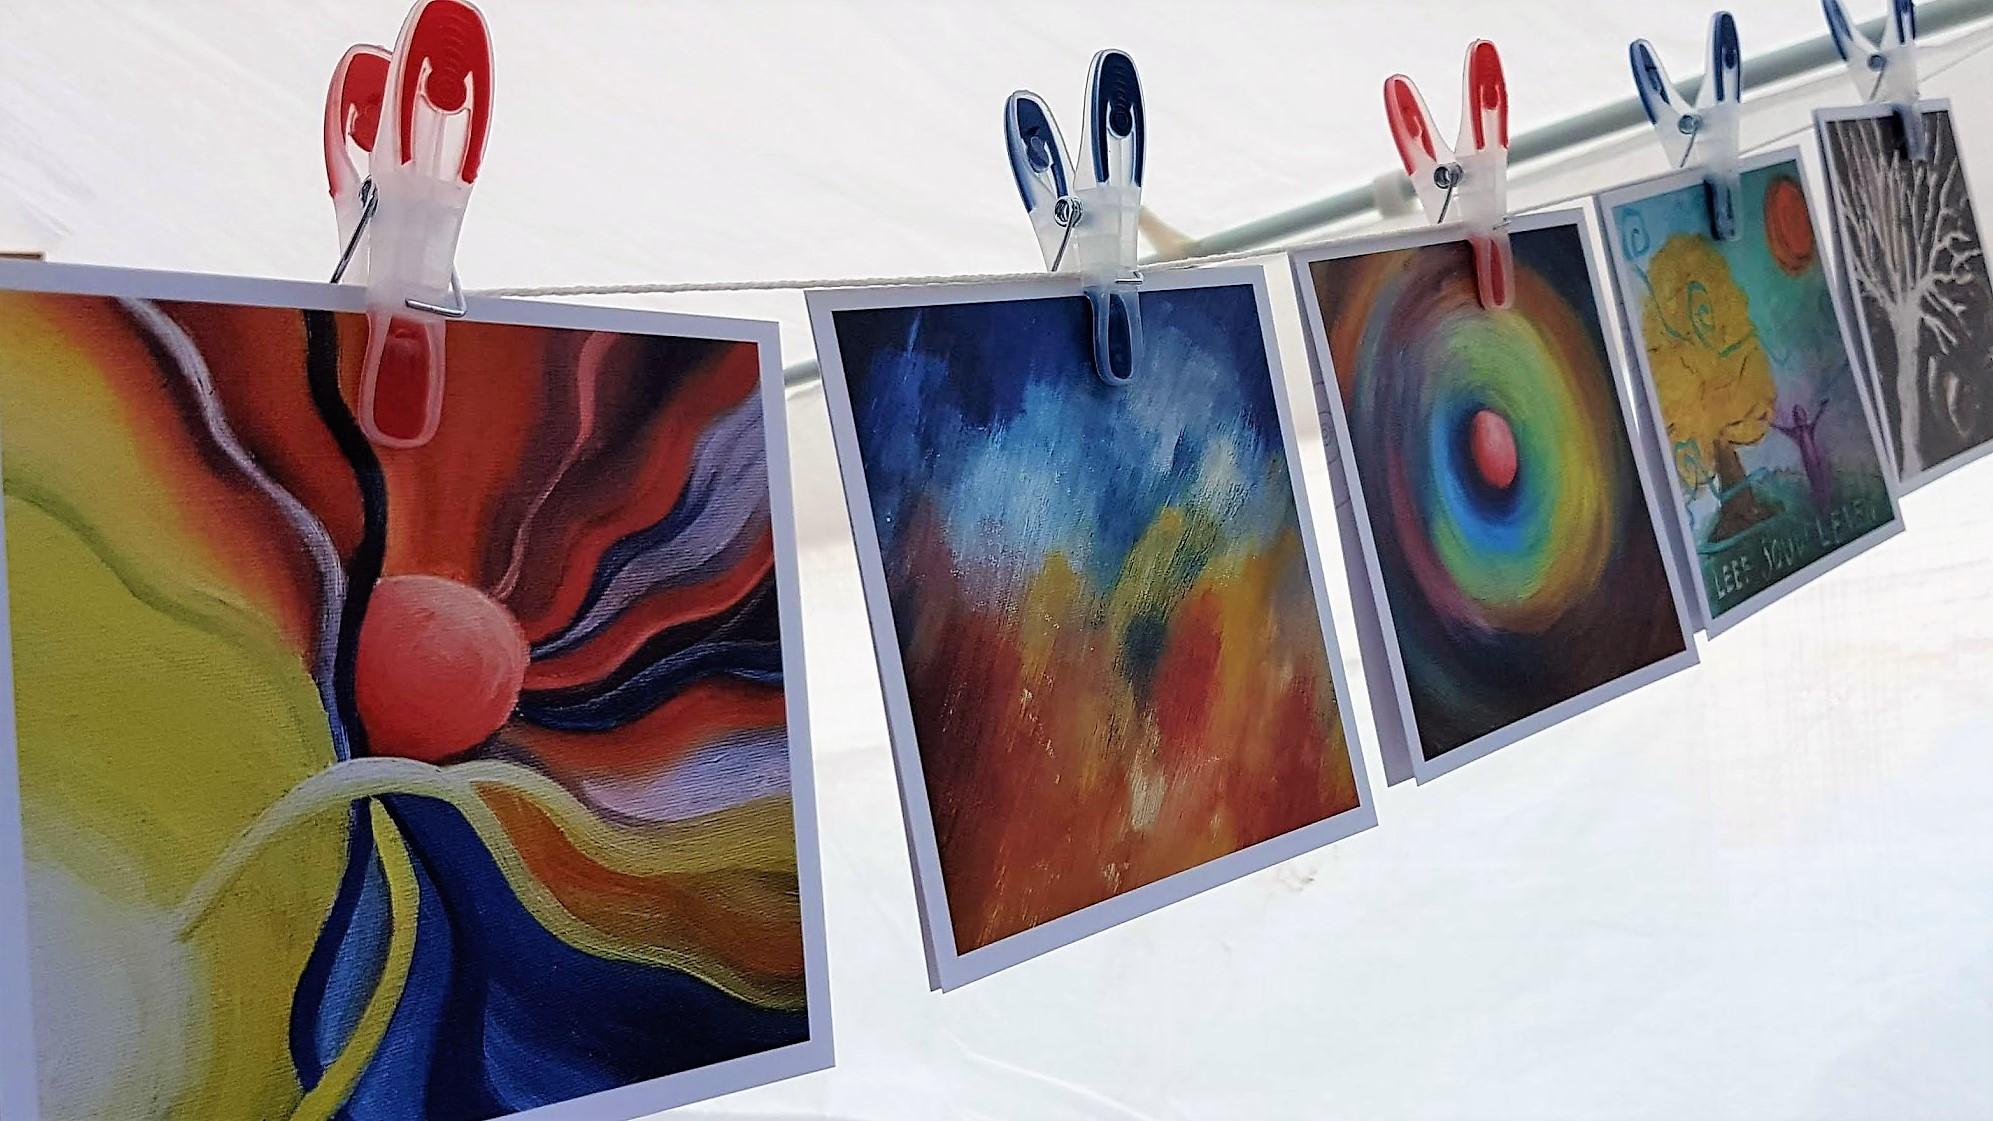 blog:Kunstkaarten te koop ... ambassadeurs of verdelers gezocht